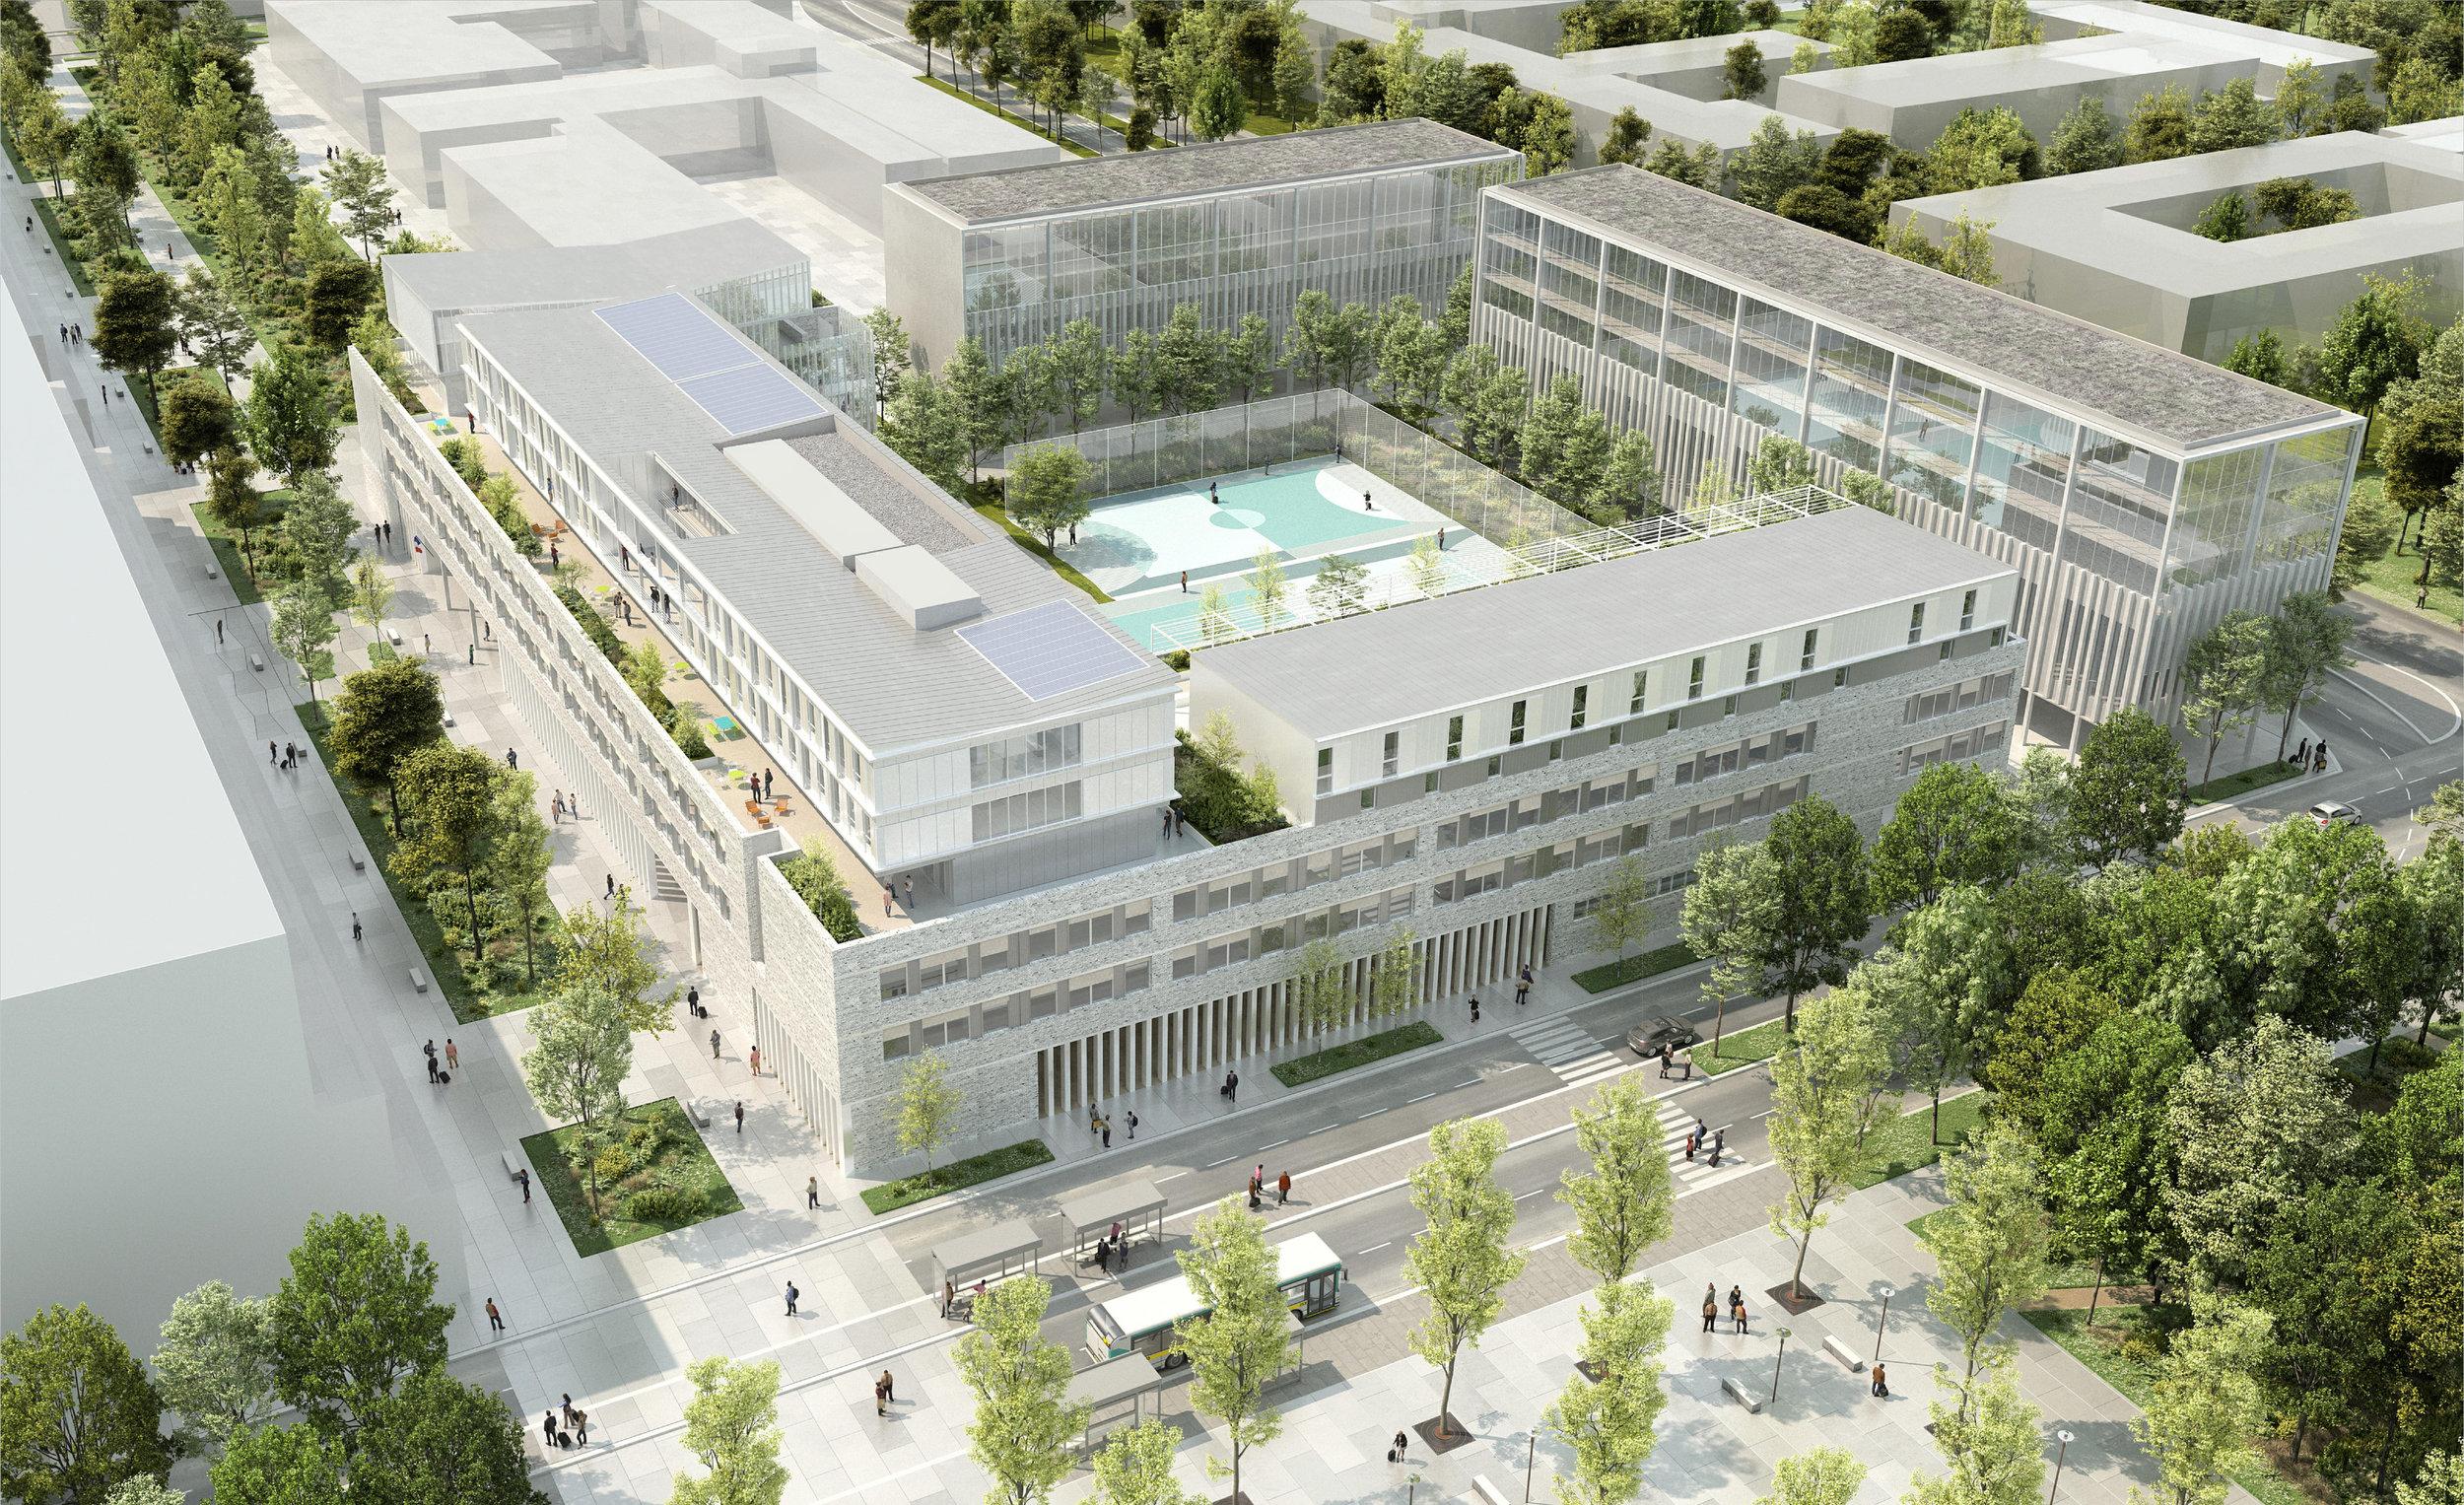 Lycée / Palaiseau (91)   Les grands enjeux de la conception du futur Lycée de Palaiseau résident dans la bonne adéquation entre les prescriptions urbanistiques fortes et le respect des données programmatiques indispensables au bon fonctionnement de l'établissement.